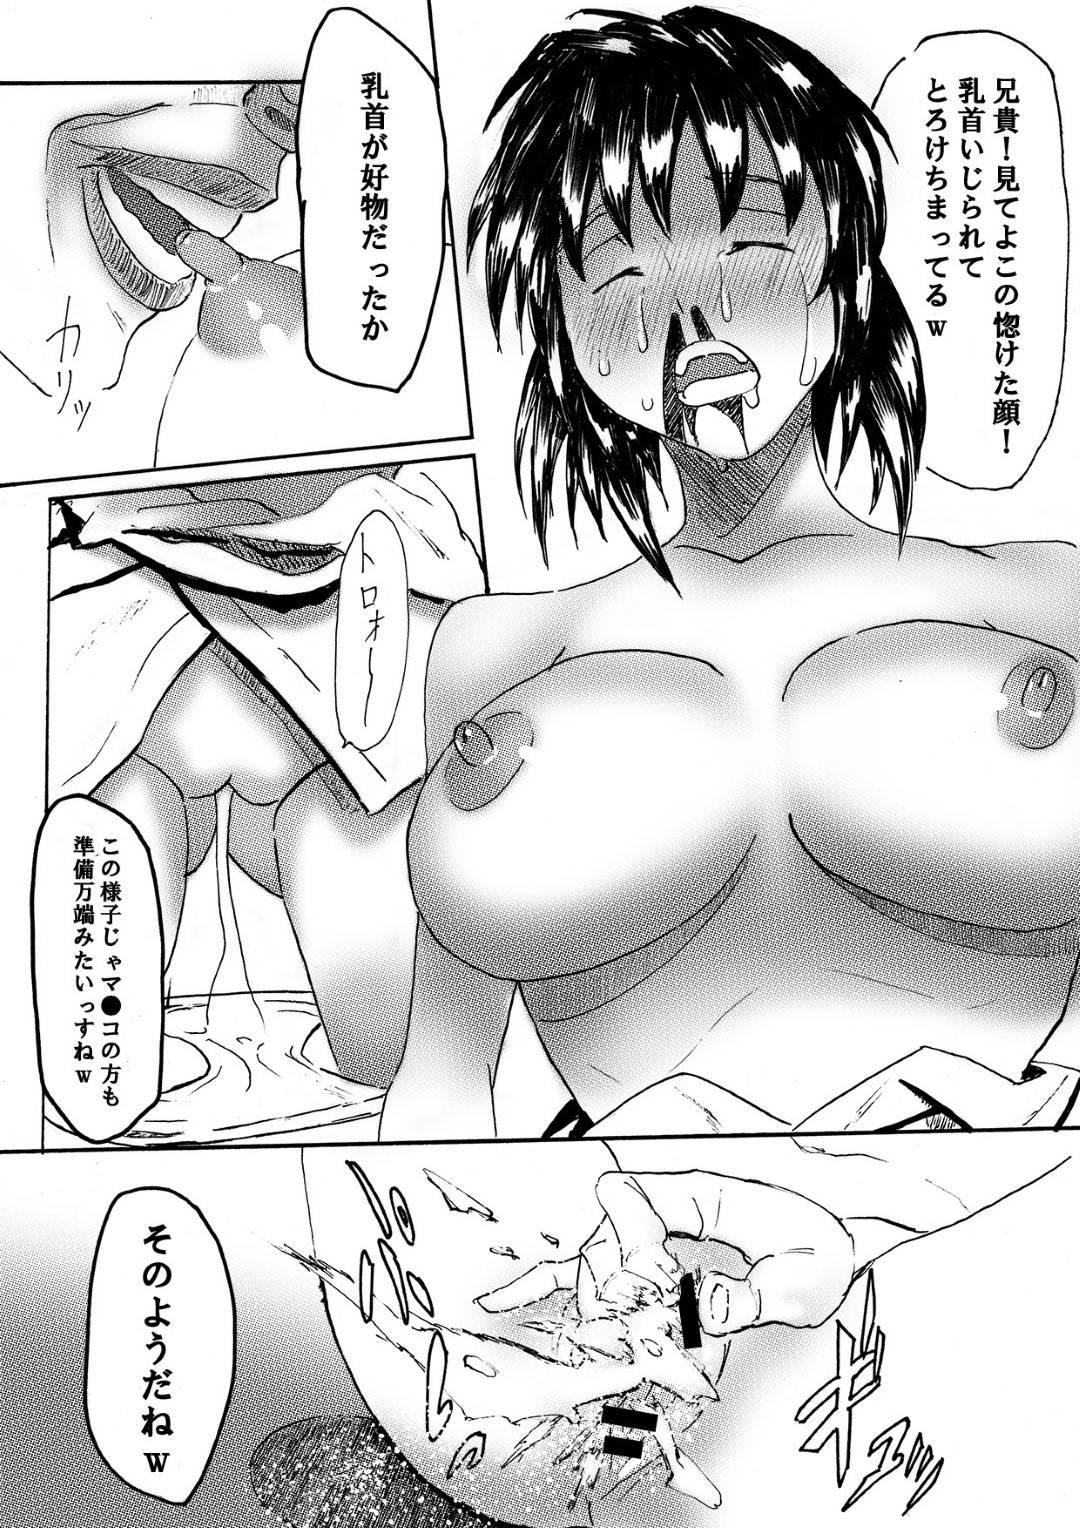 【エロ漫画】道場破りの男にボコボコにされてしまった格闘娘。血だらけで戦意消失状態の彼女は二人の男に乳首やクリを責められ、正常位でチンポを挿入されて処女を奪われ、更には中出しまでもされてしまうのだった。